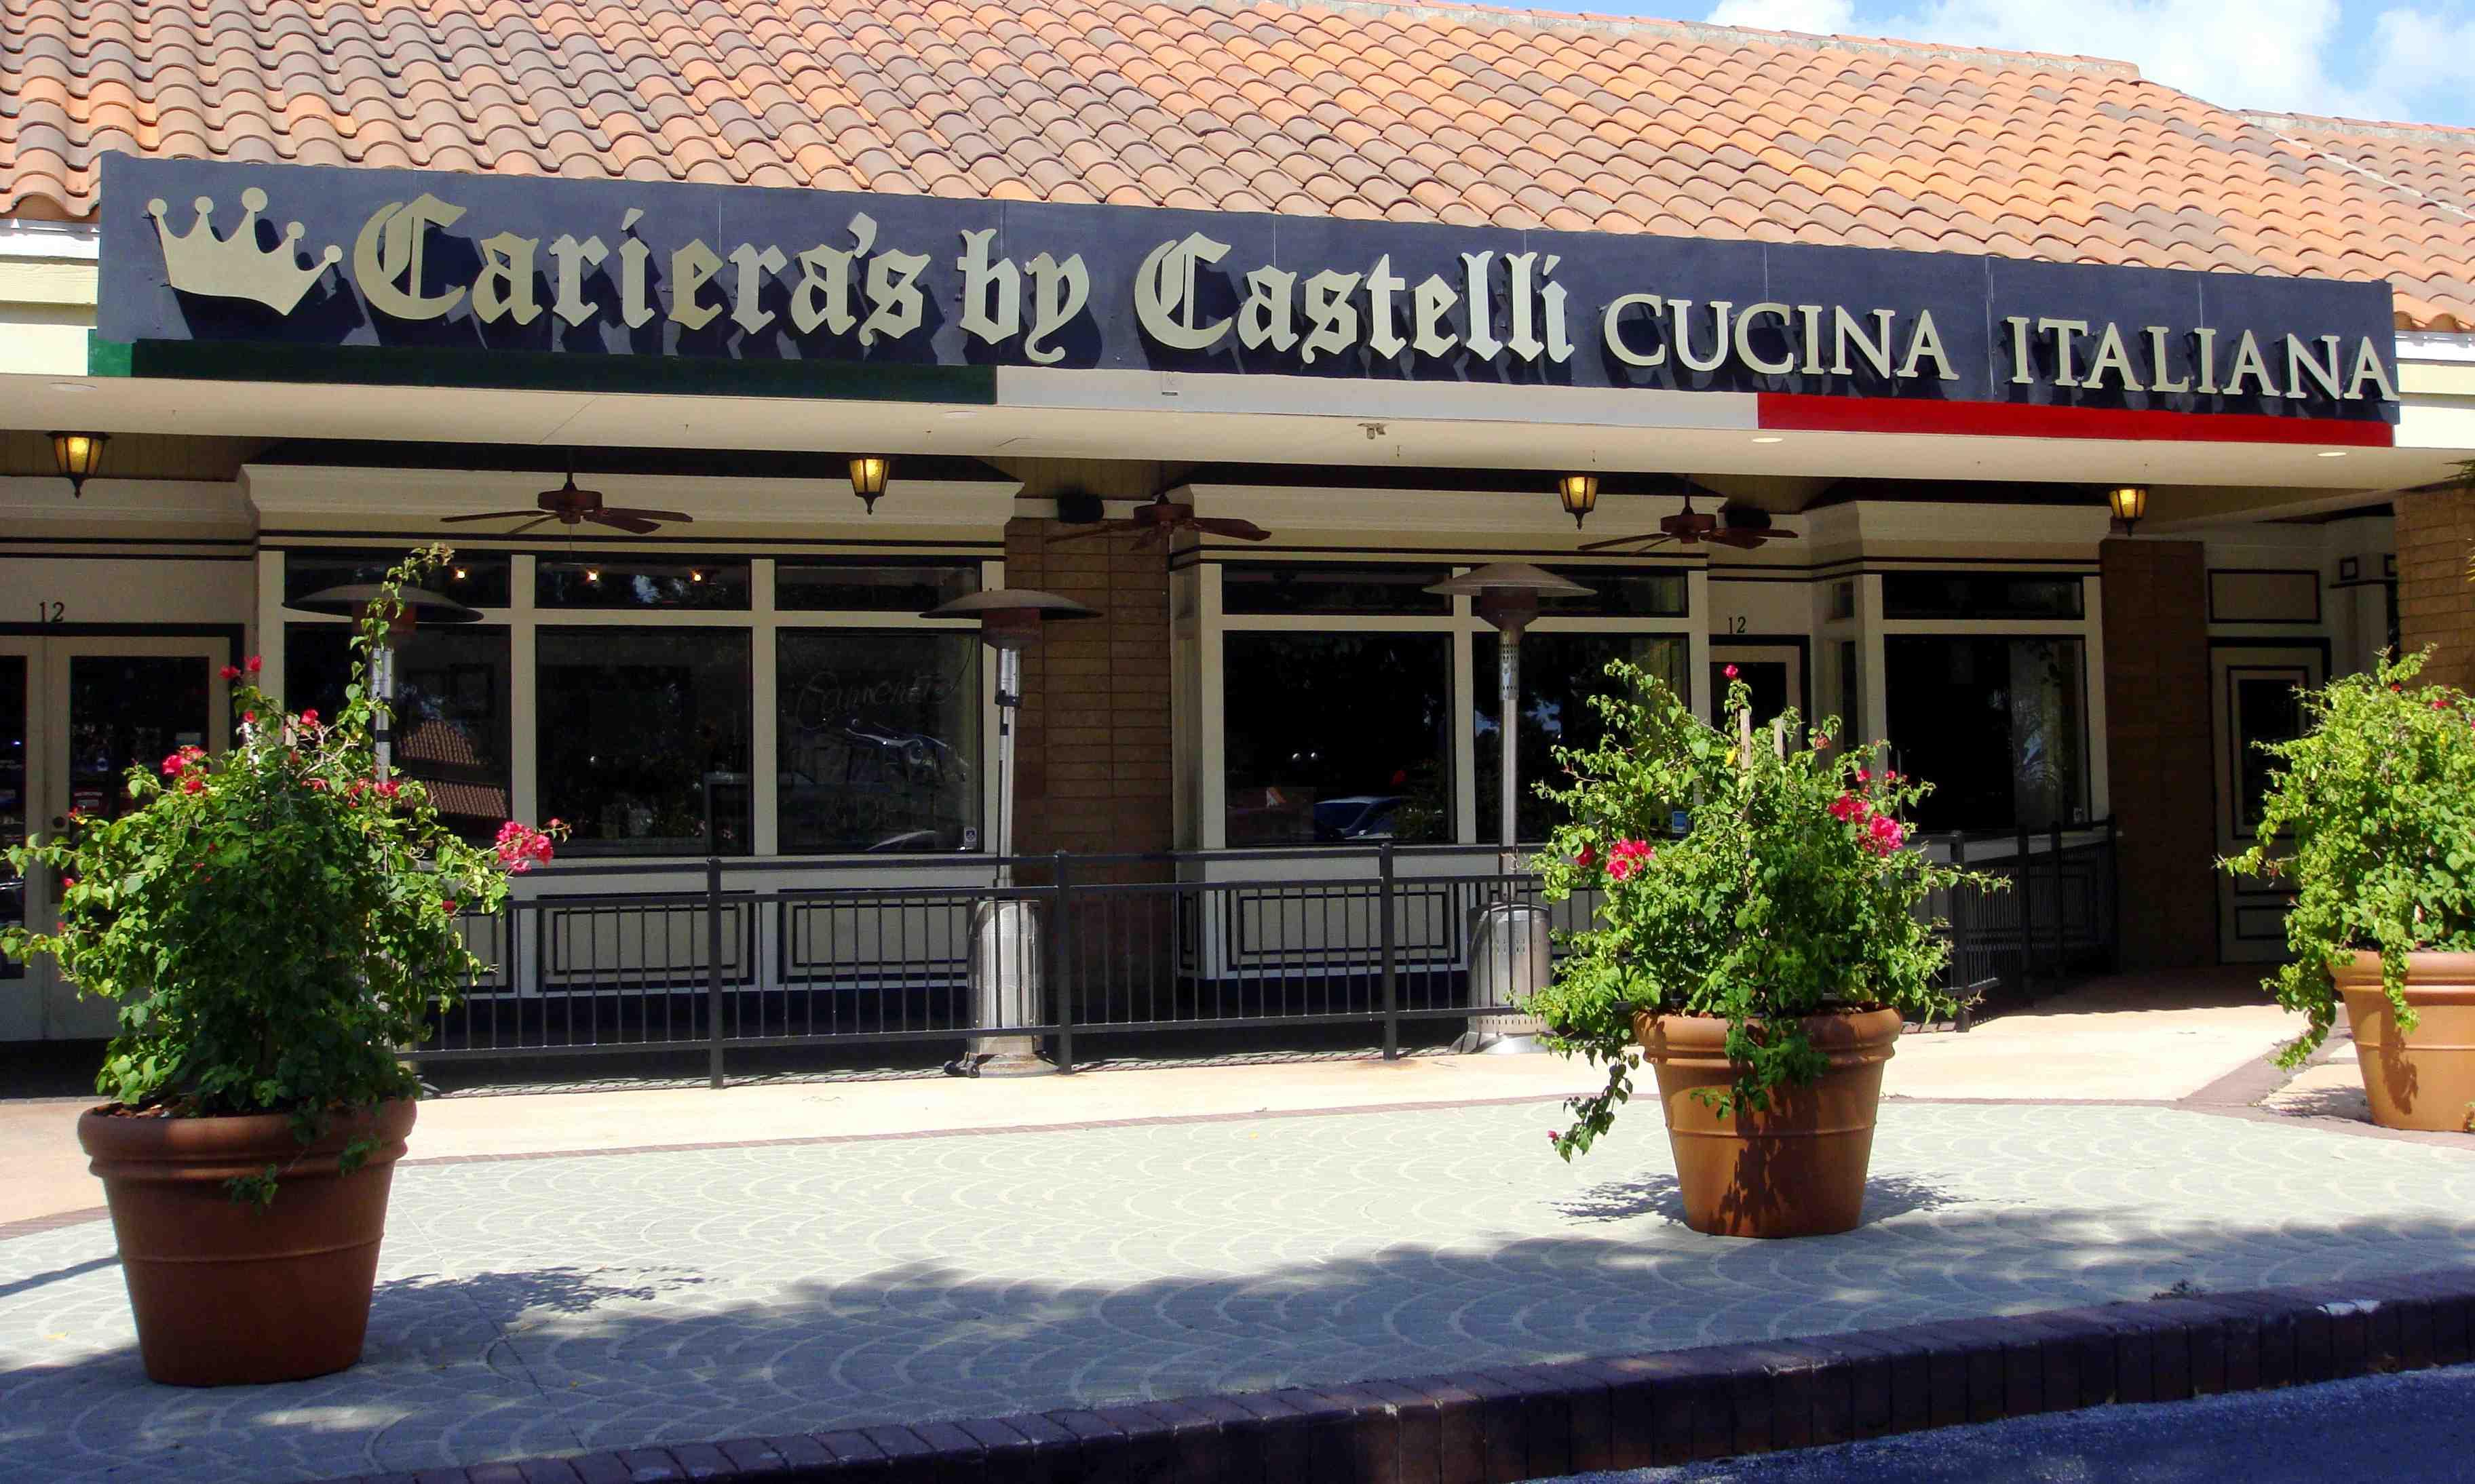 Cariera 39 s by castelli cucina italiana today 39 s orlando for Cucina italiana